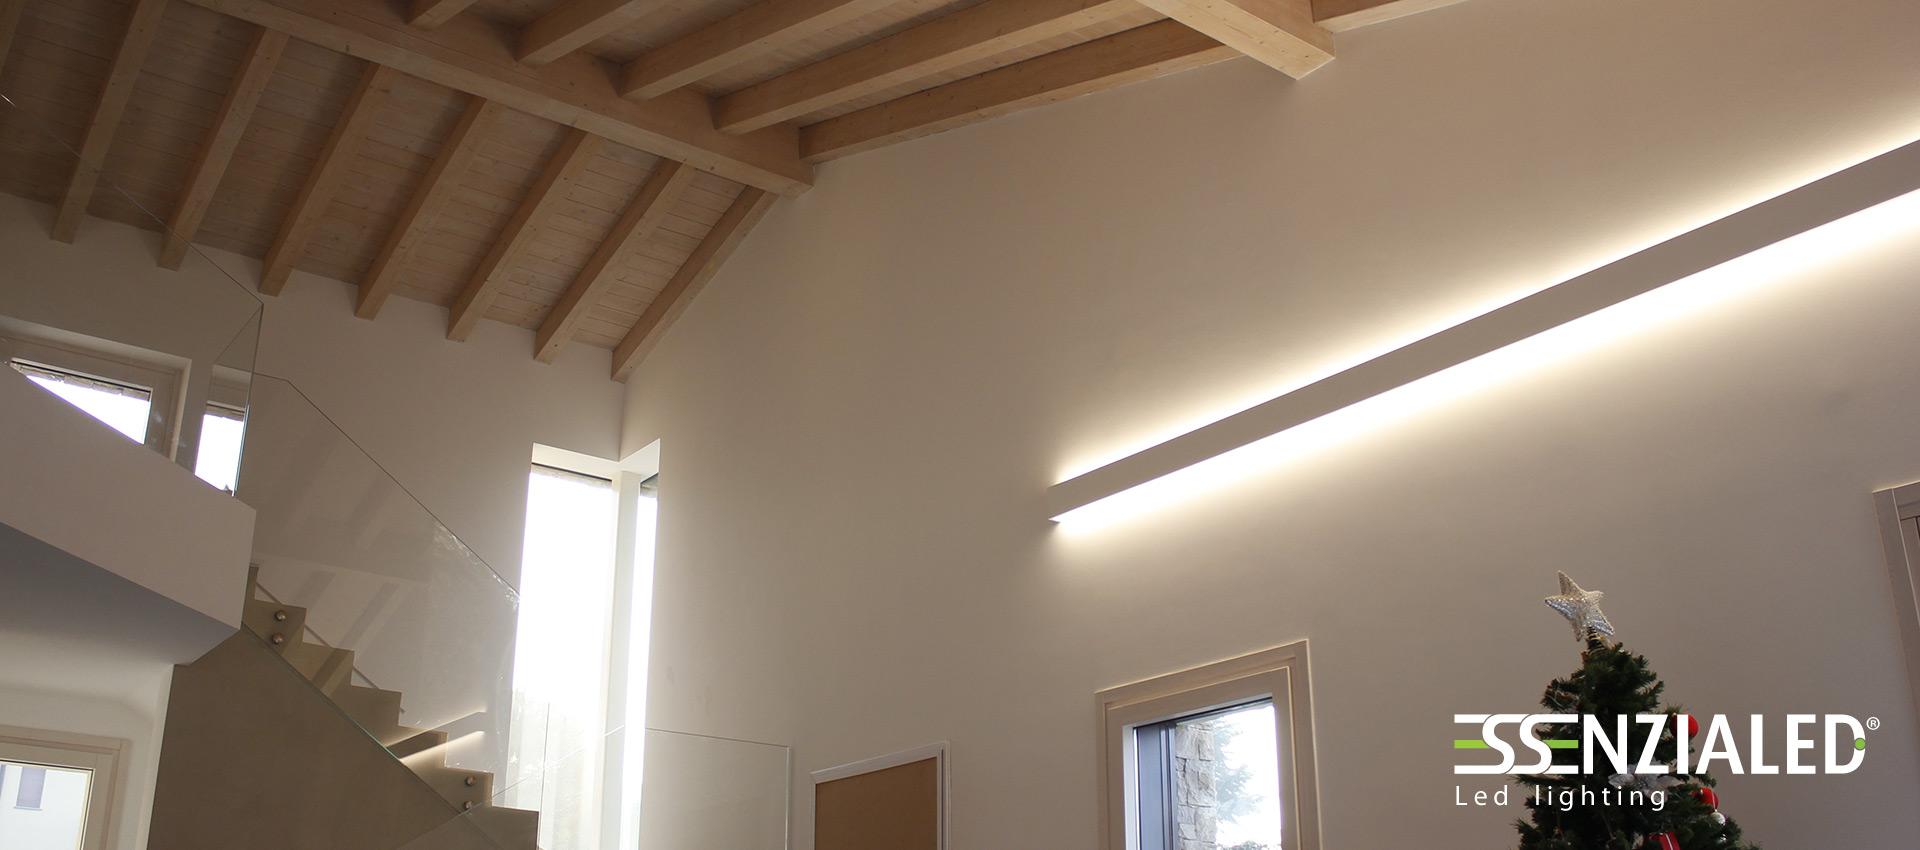 Righello Lampada a parete Led prodotta su misura MadeinItalyEssenzialed – Ill...